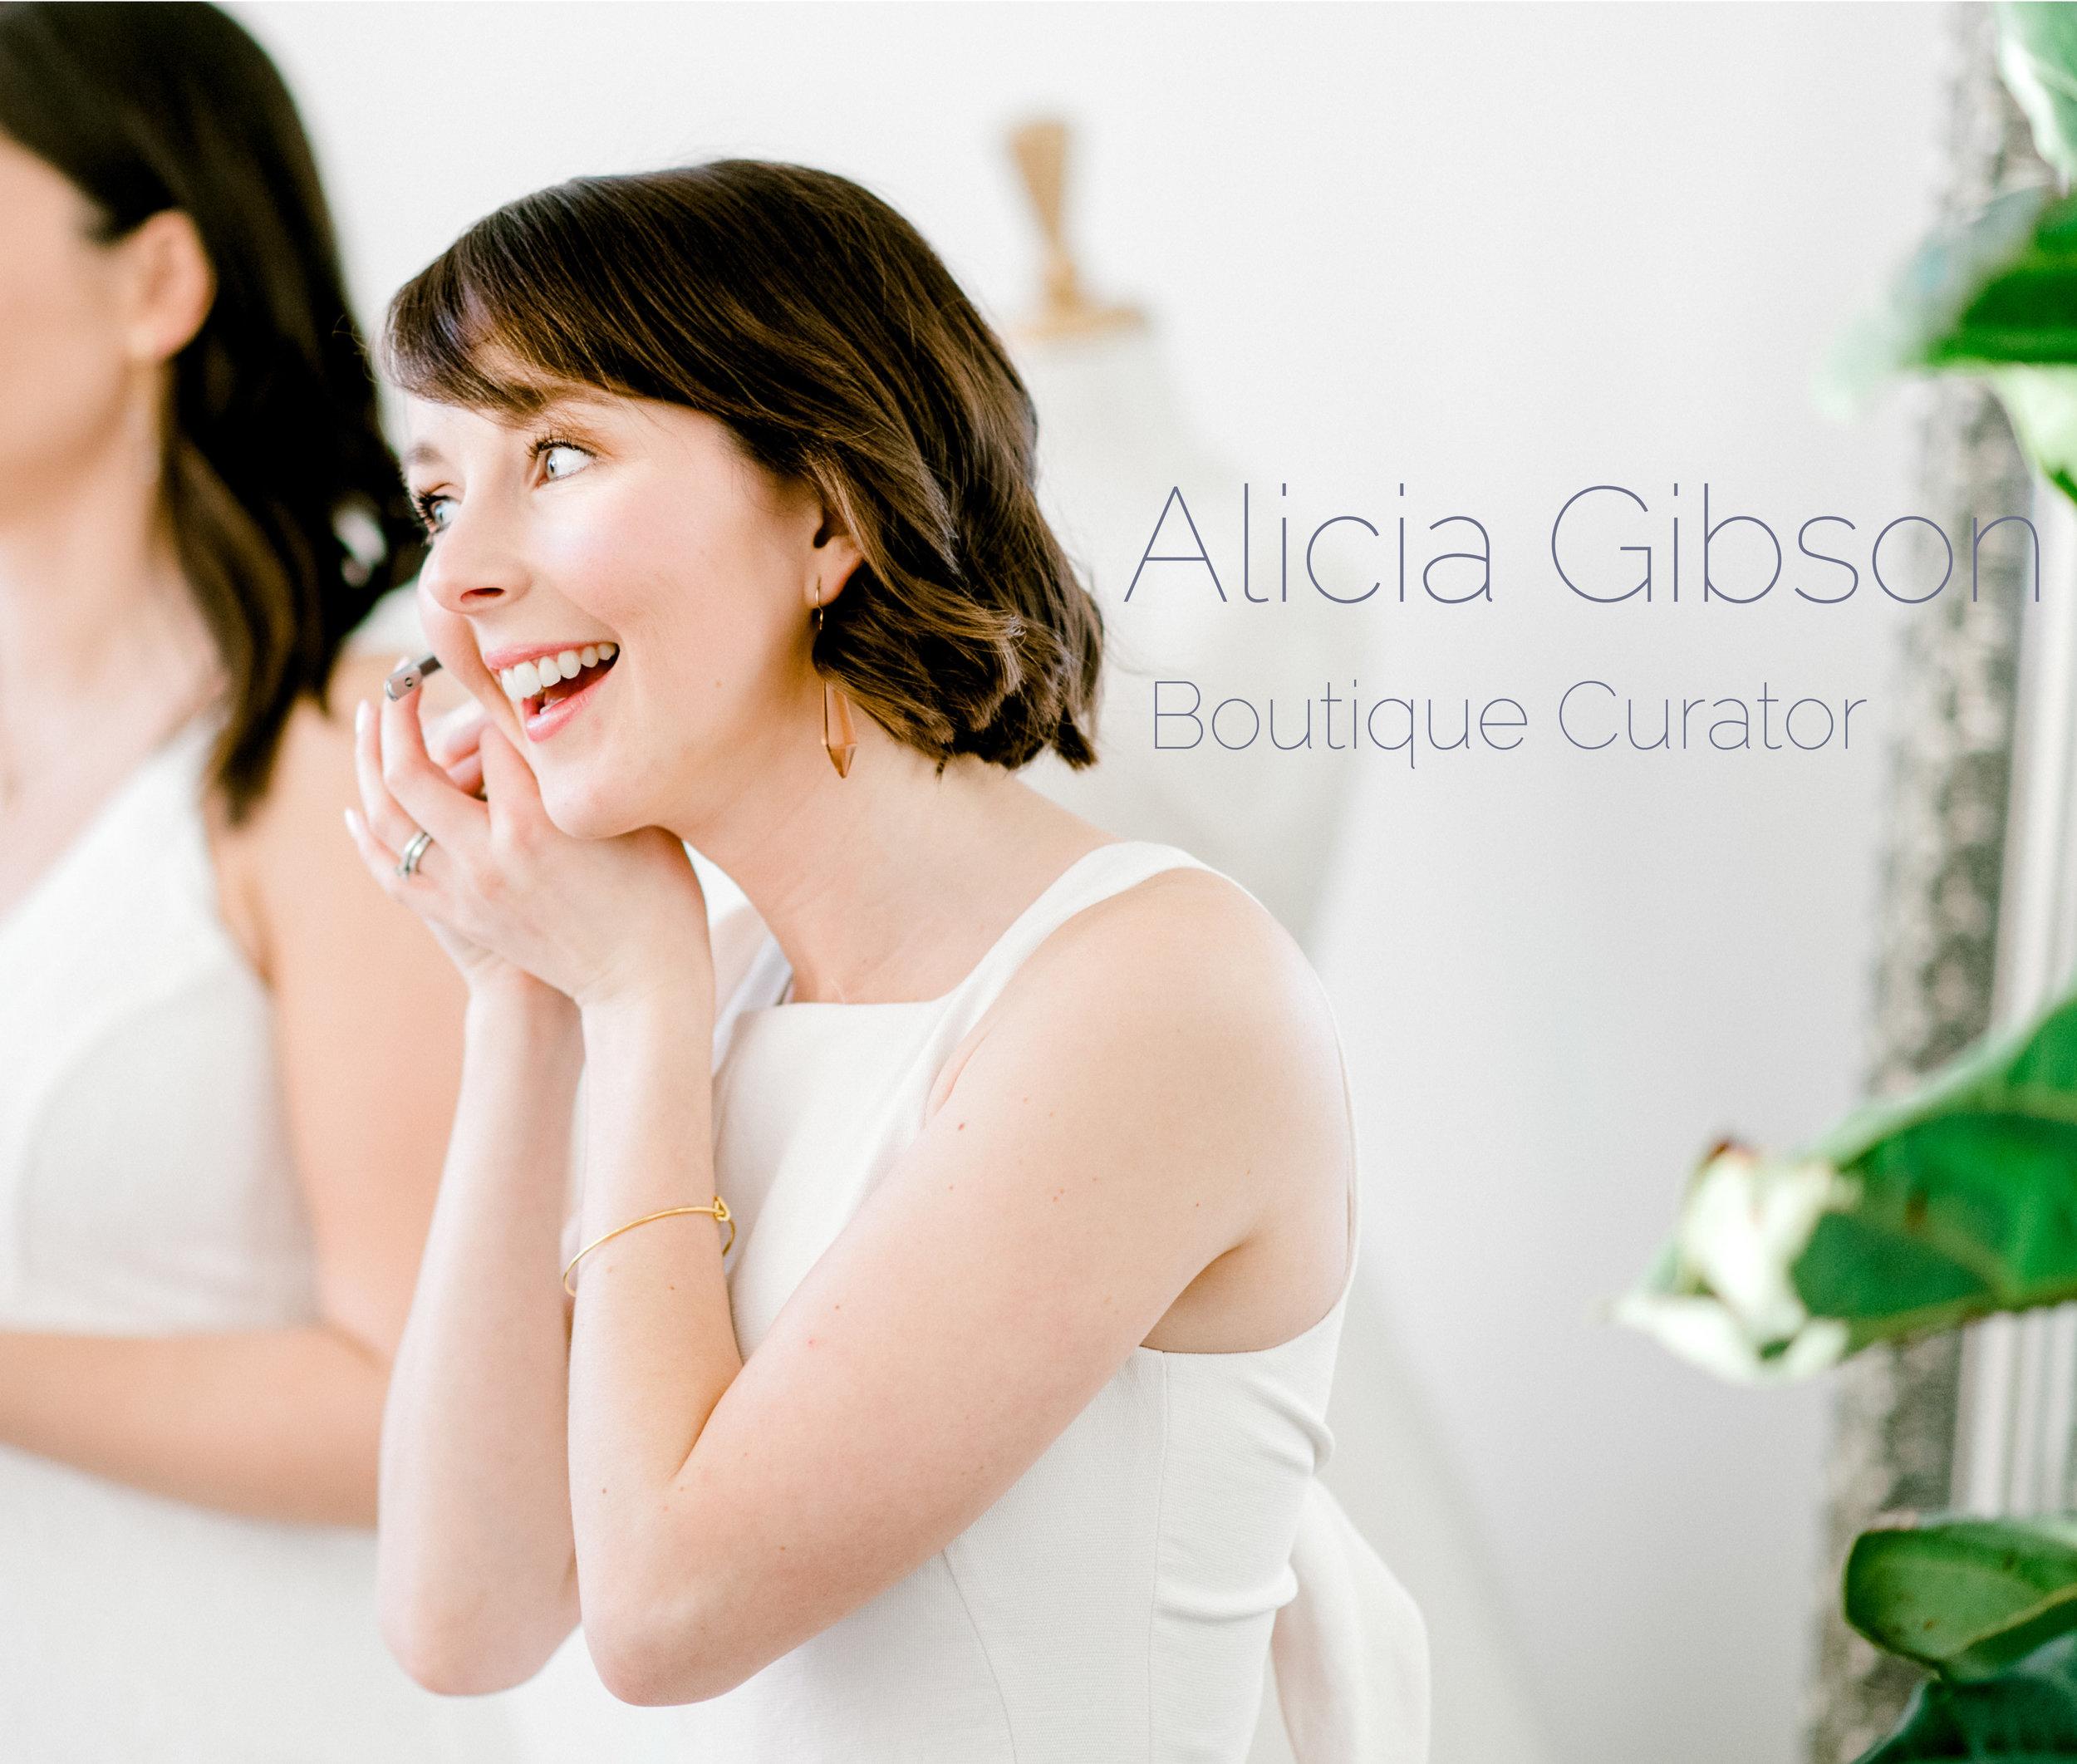 Alicia Gibson.jpg